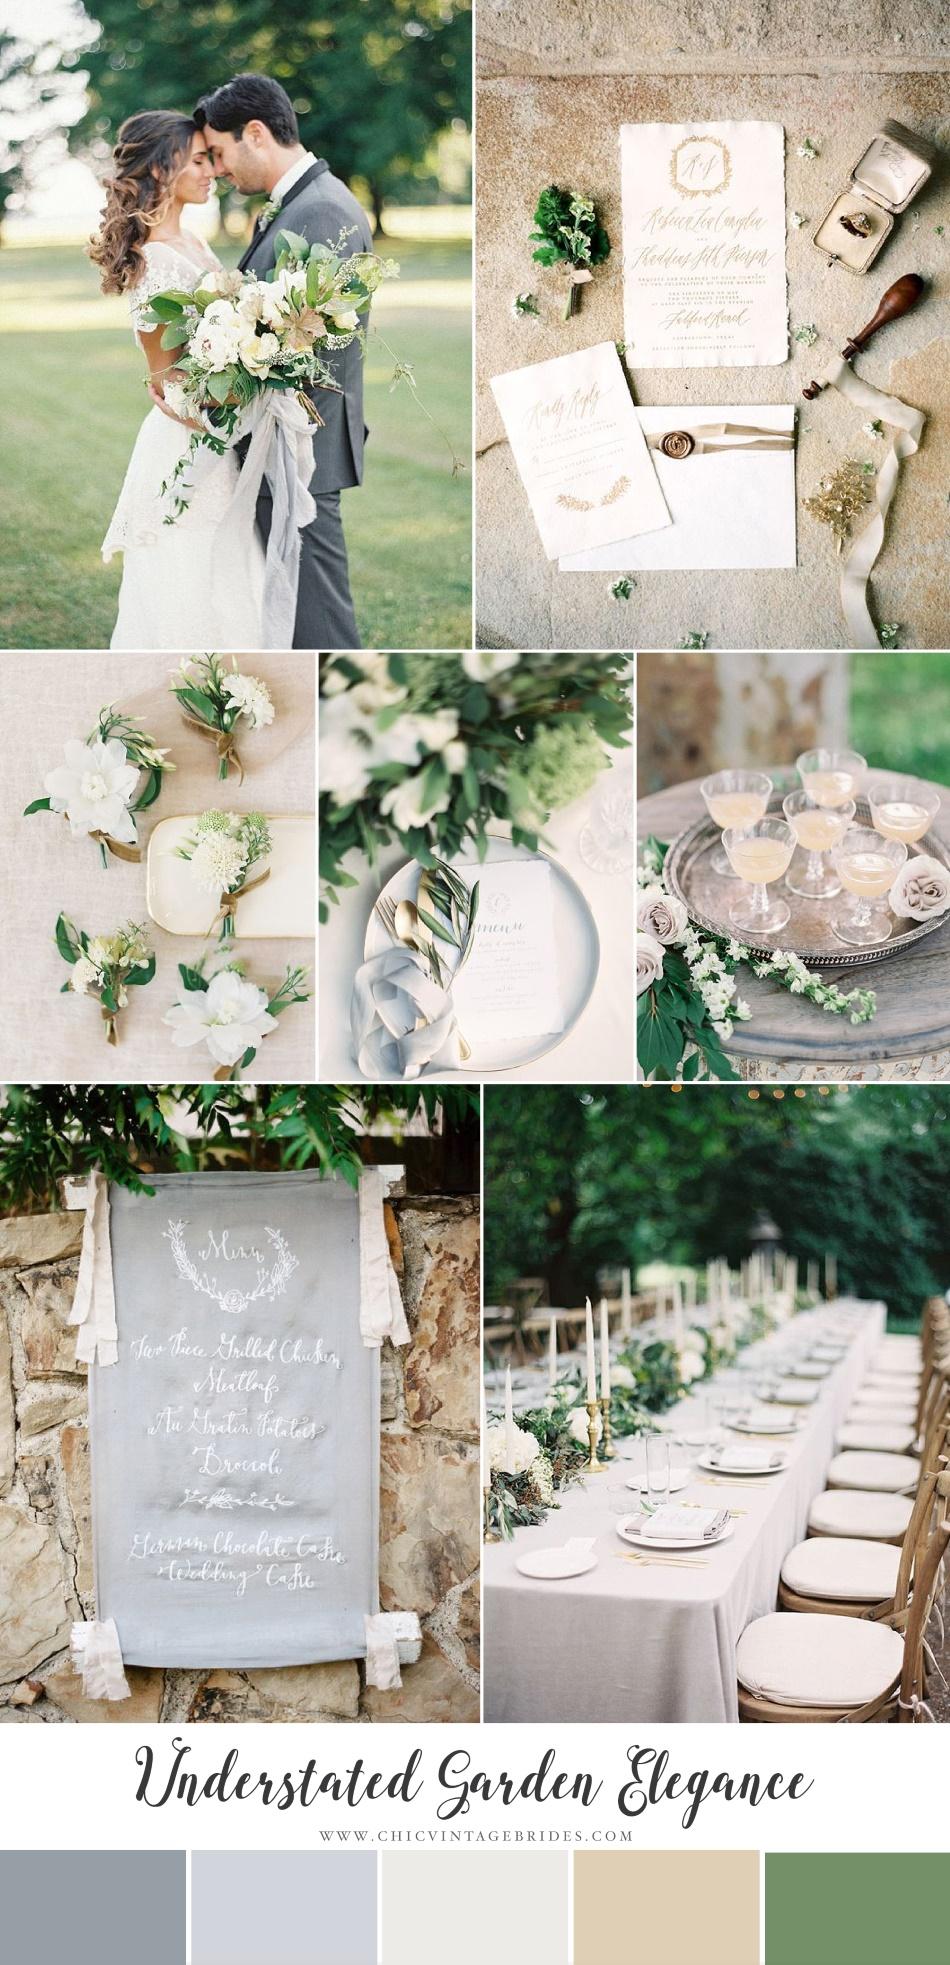 Understated Garden Elegance - Modern Vintage Wedding Inspiration in Green, Grey & Sunstone